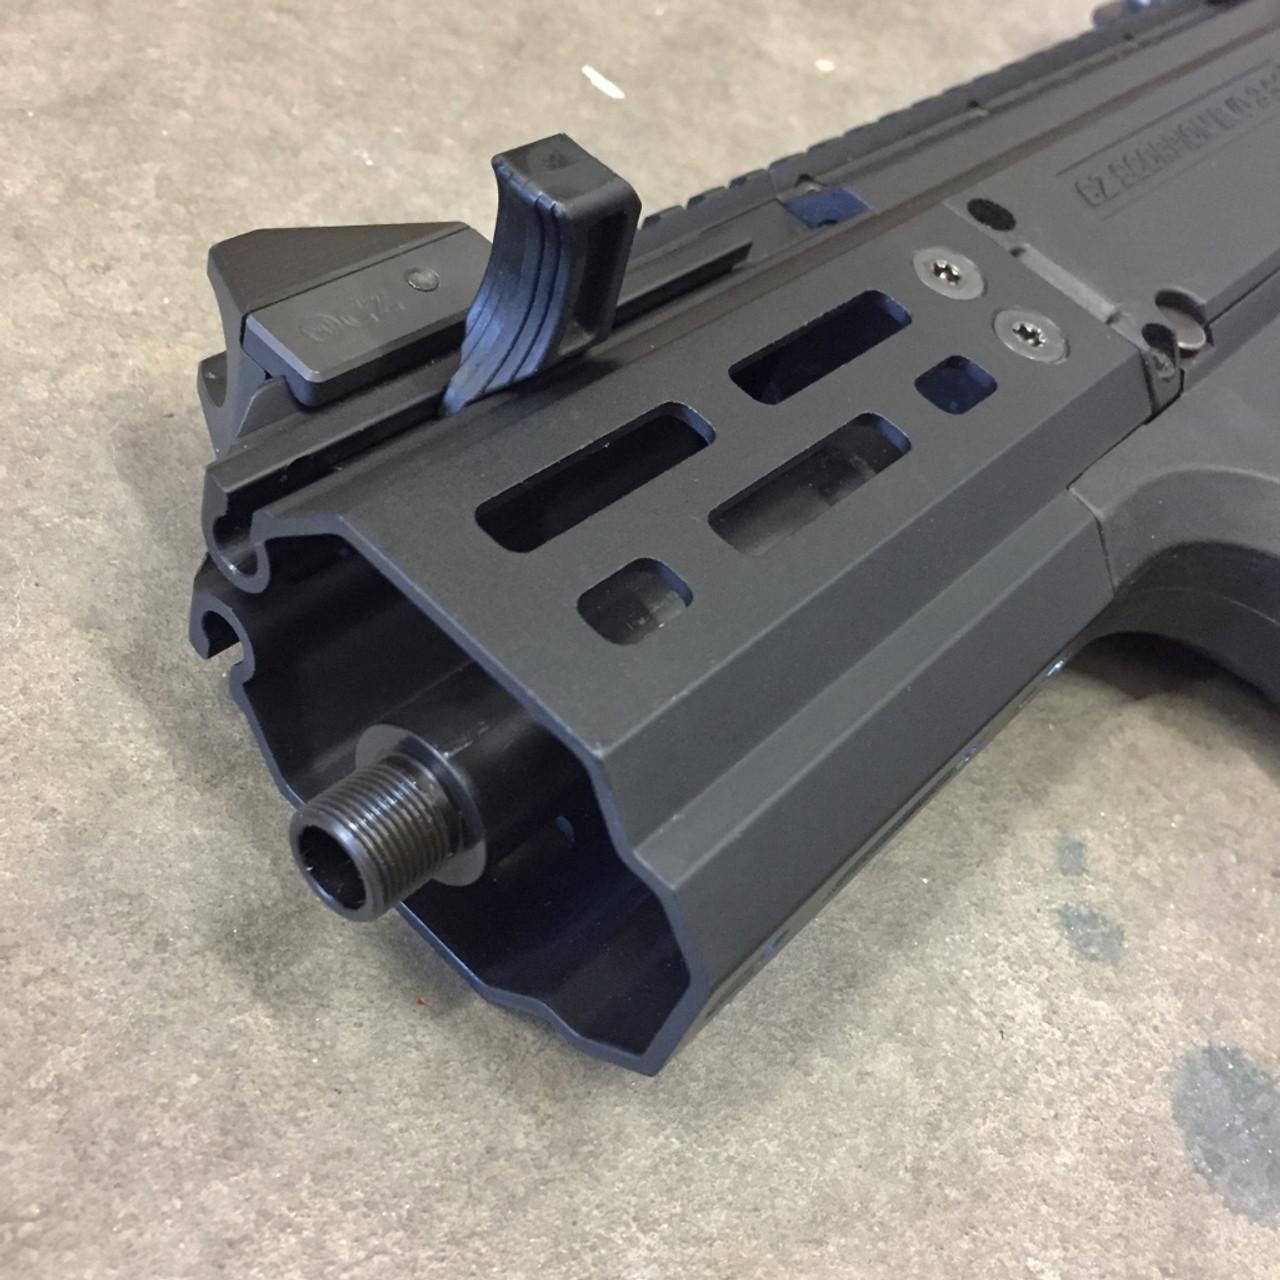 HB Industries CZ Scorpion 5.3″ Micro/K Conversion Kit (Bull Barrel, 1/2-28-TPI)